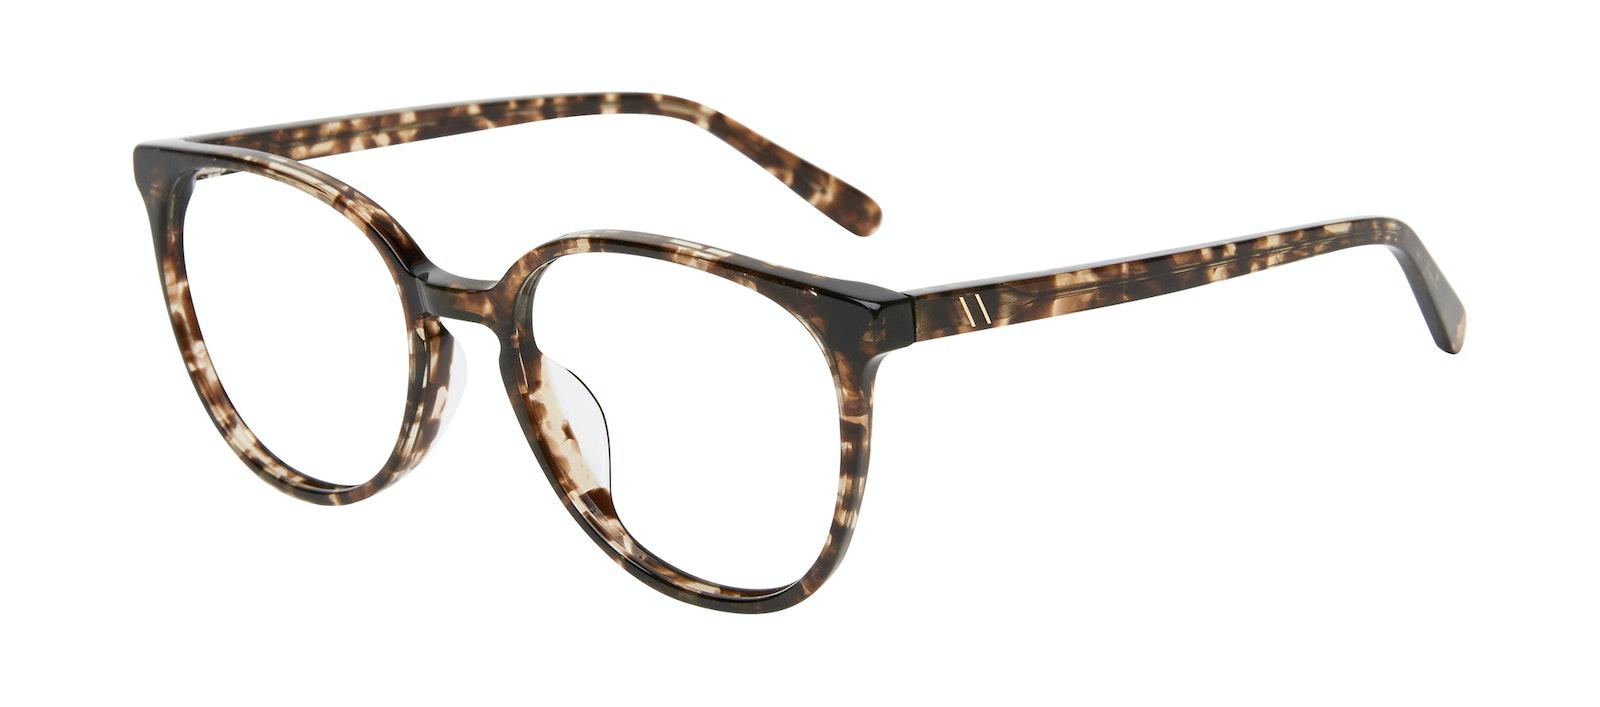 Affordable Fashion Glasses Round Eyeglasses Women Impression Leopard Tilt